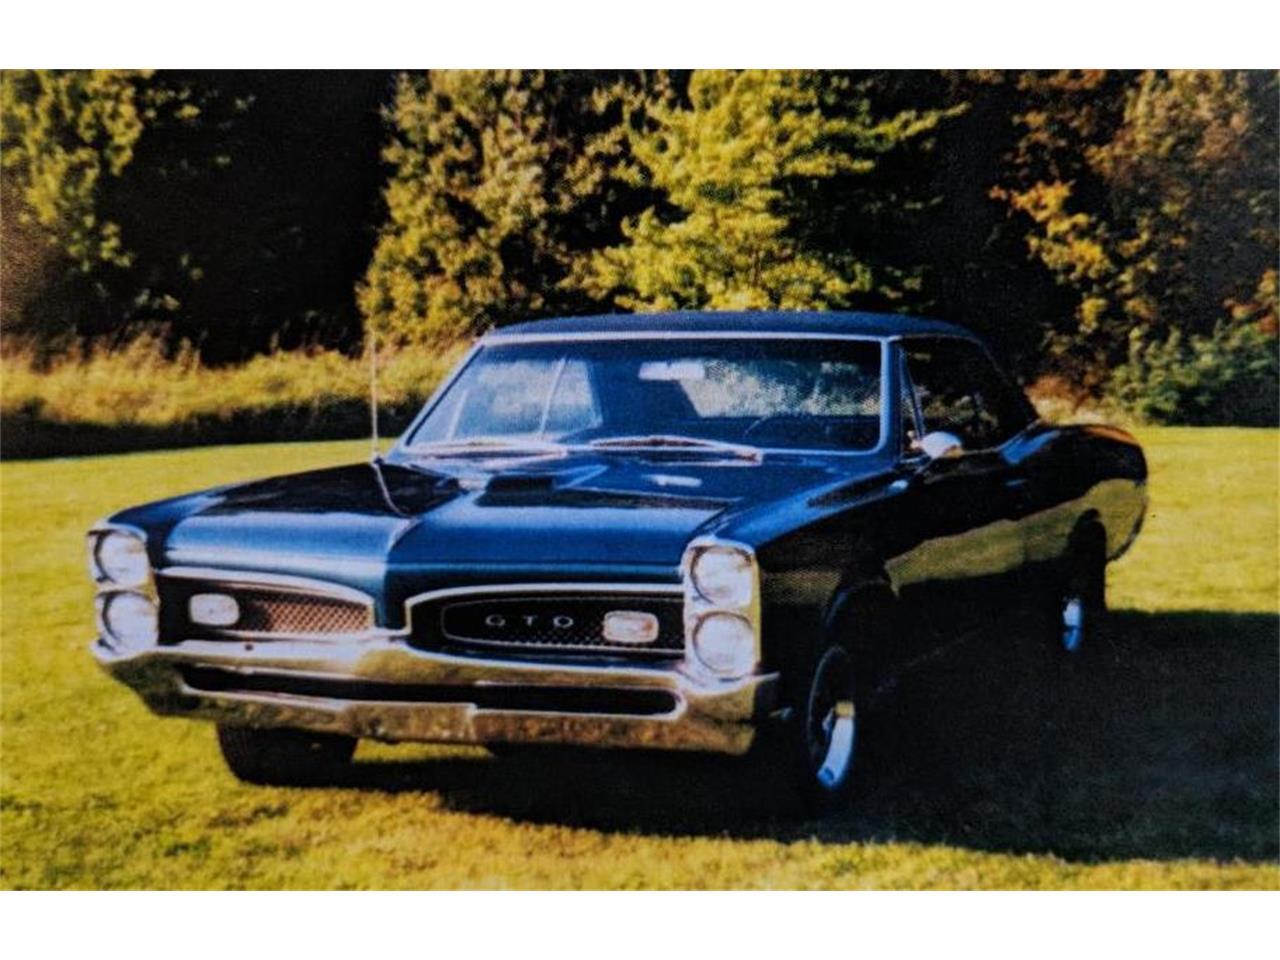 For Sale: 1967 Pontiac GTO in Doylestown, Ohio